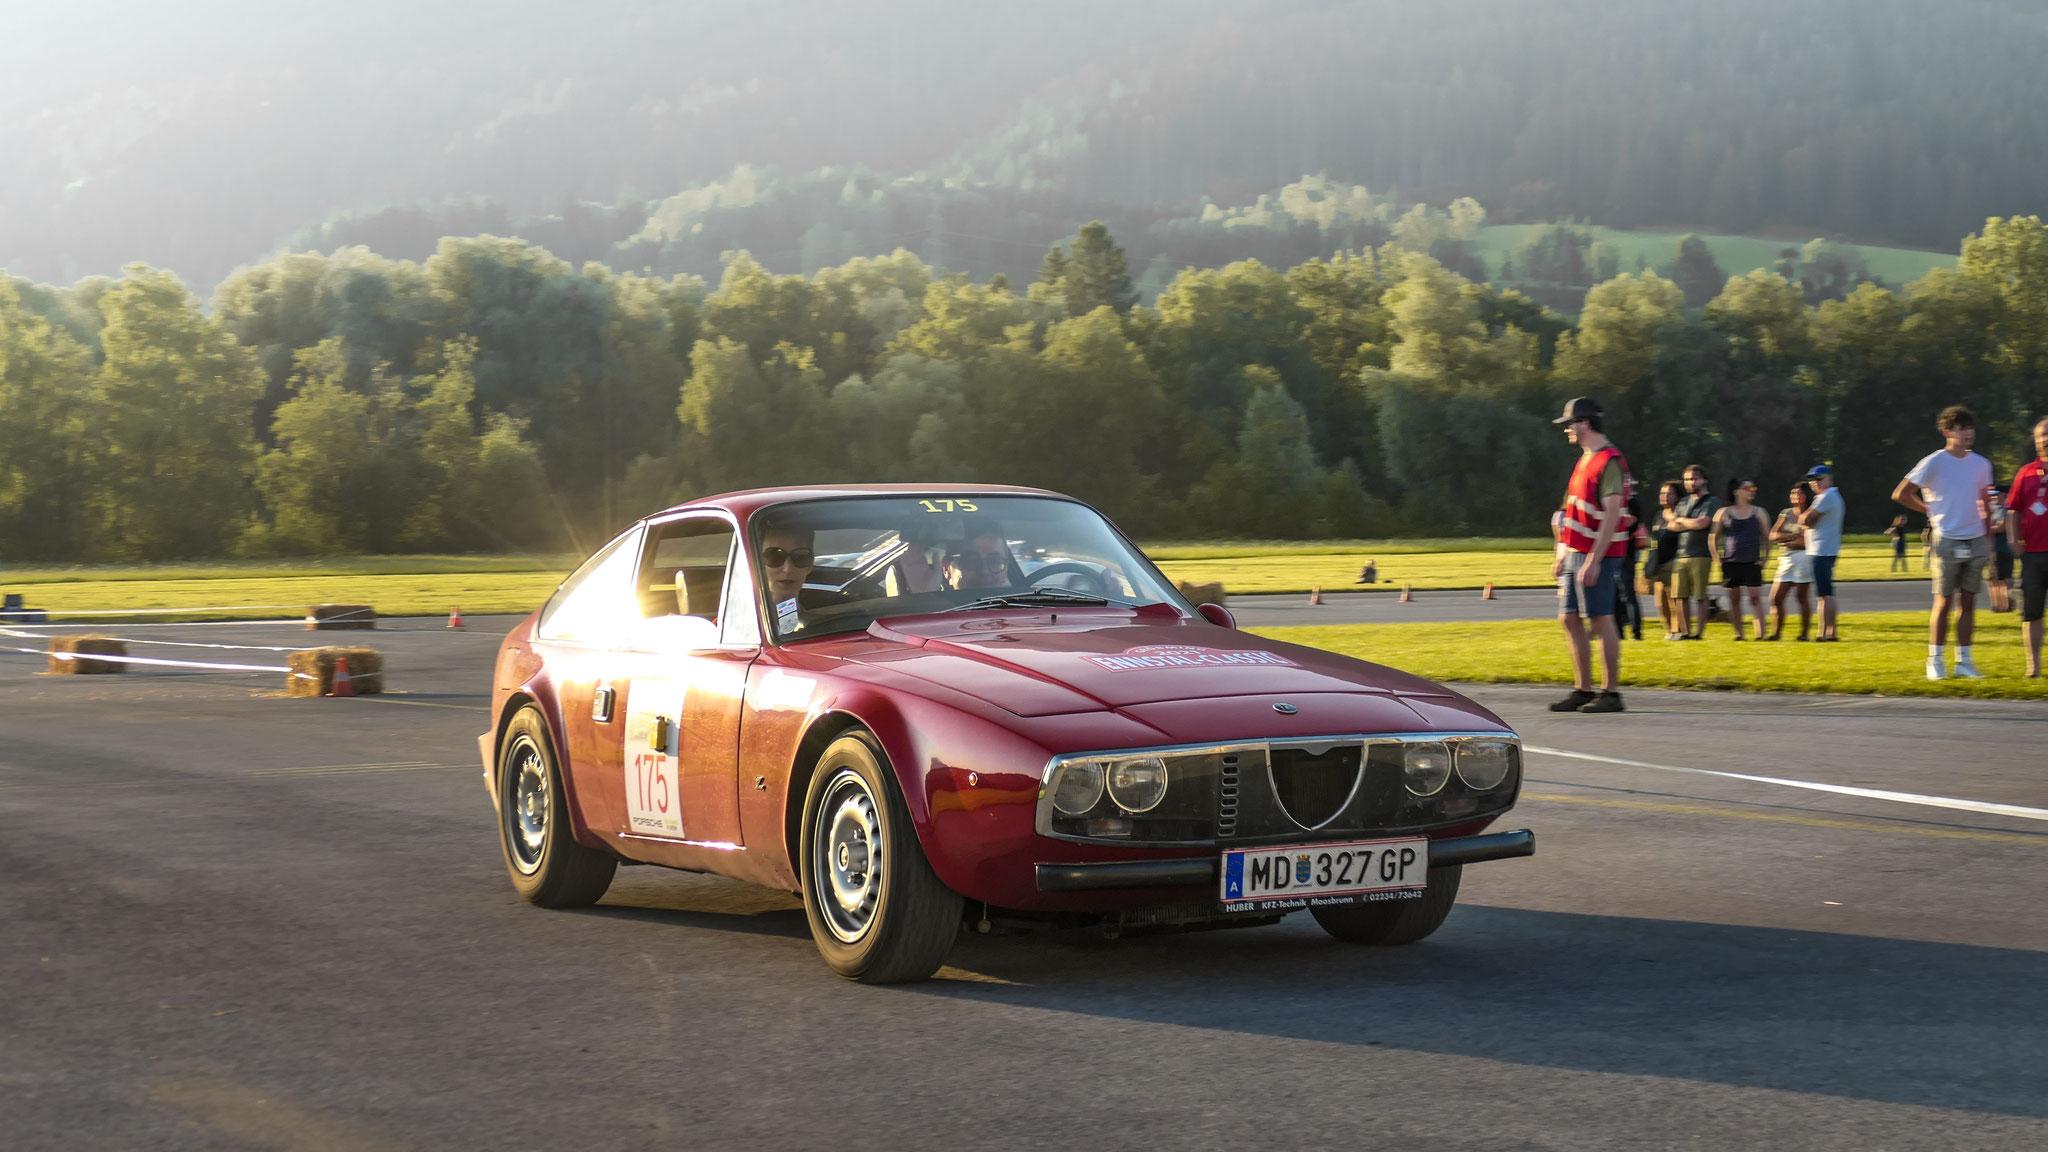 Alfa Romeo Junior Zagato - MD-327-GP (AUT)